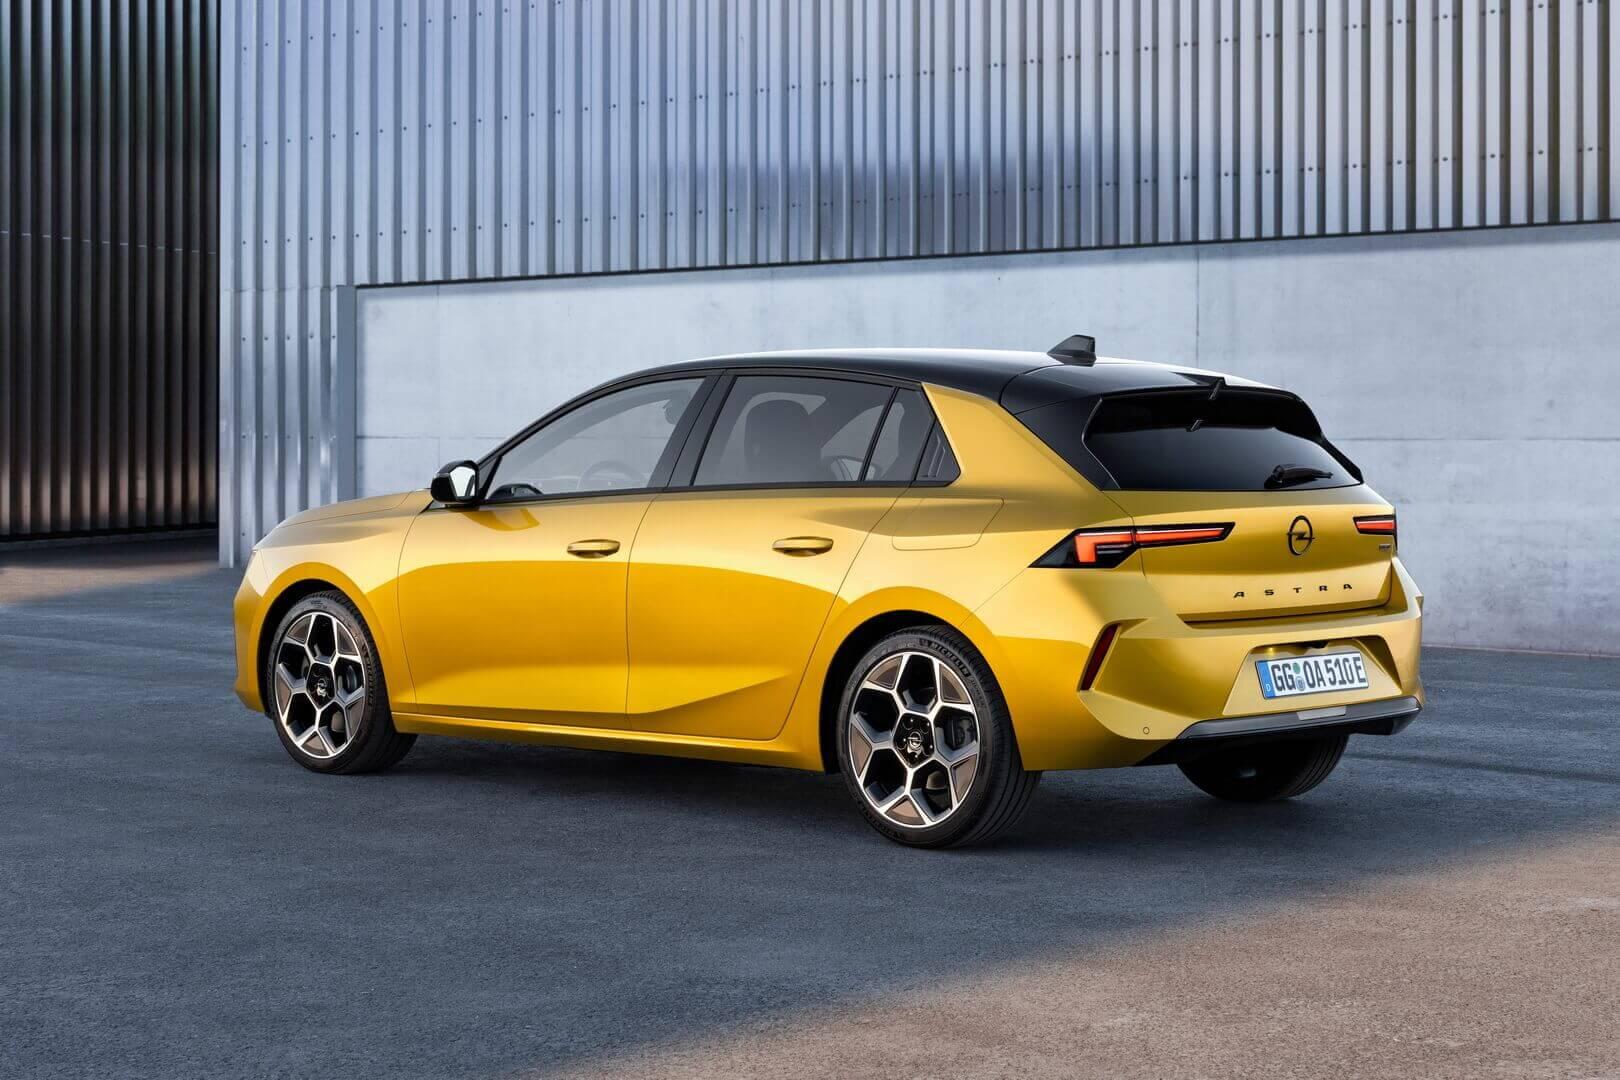 Opel Astra шестого поколения доступна с двумя плагин-гибридными вариантами